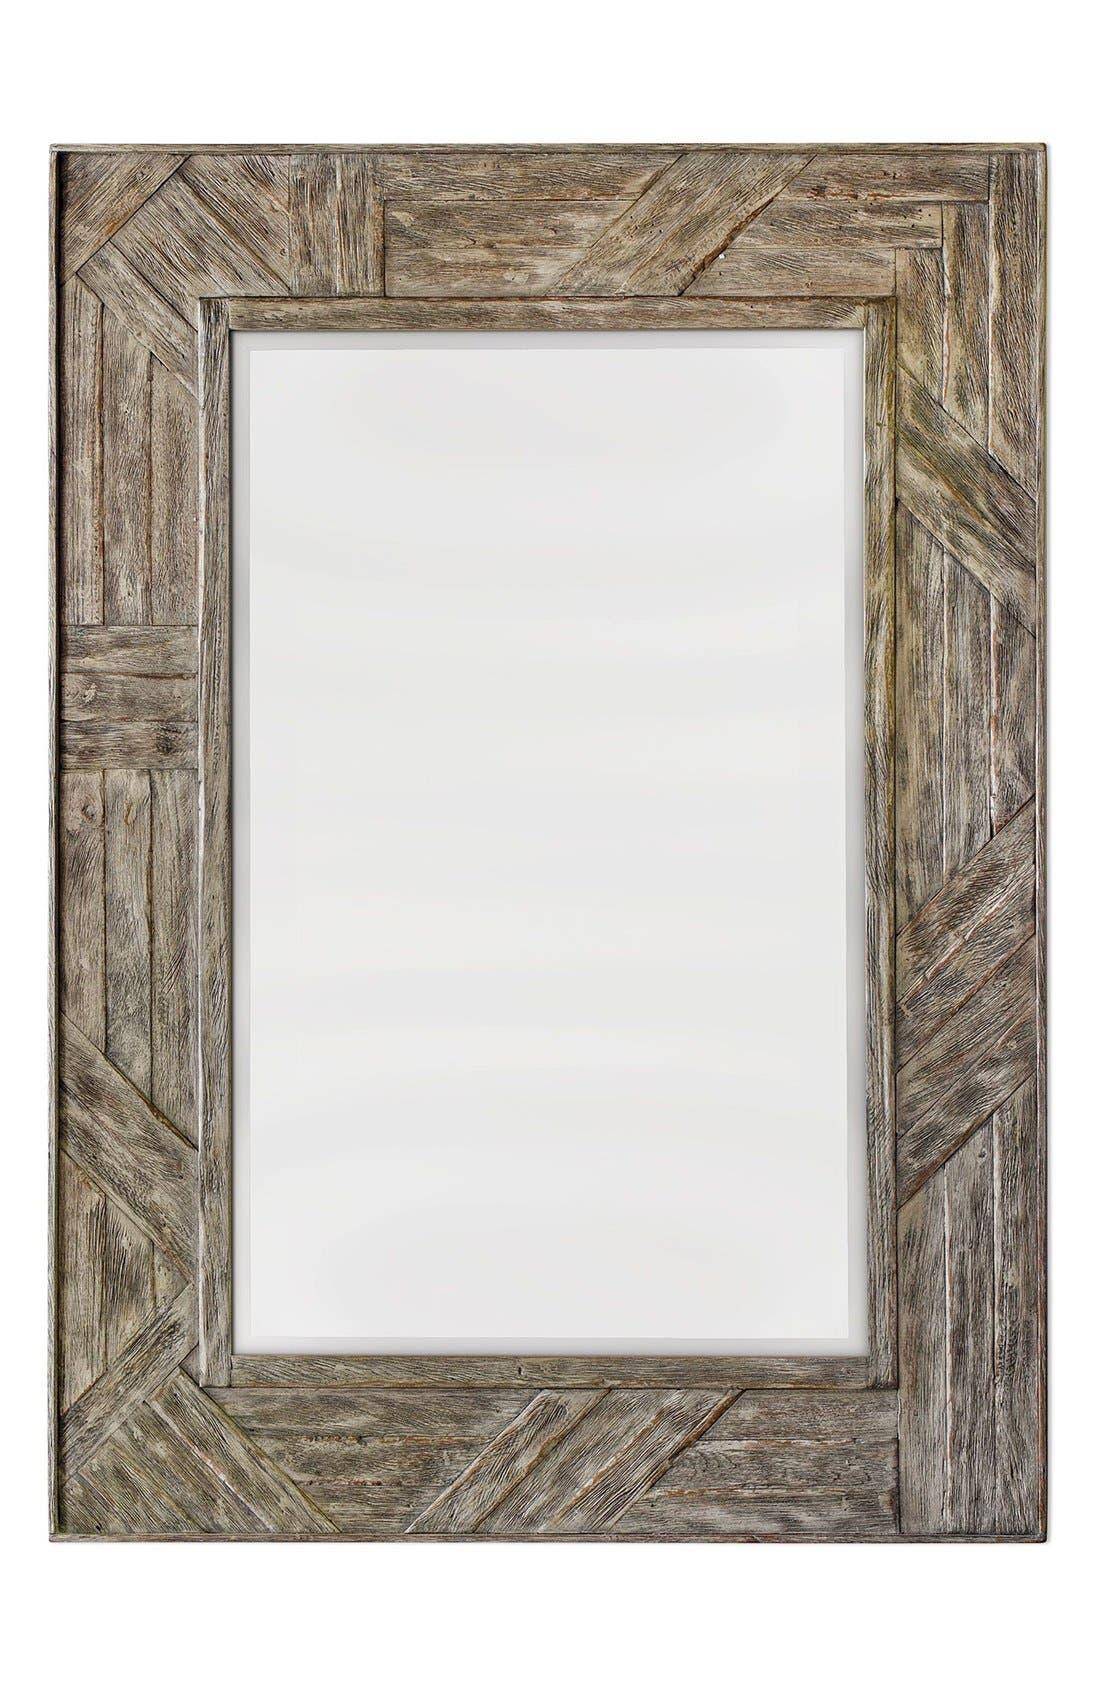 'Fortuo' Mahogany Wood Mirror,                             Main thumbnail 1, color,                             200